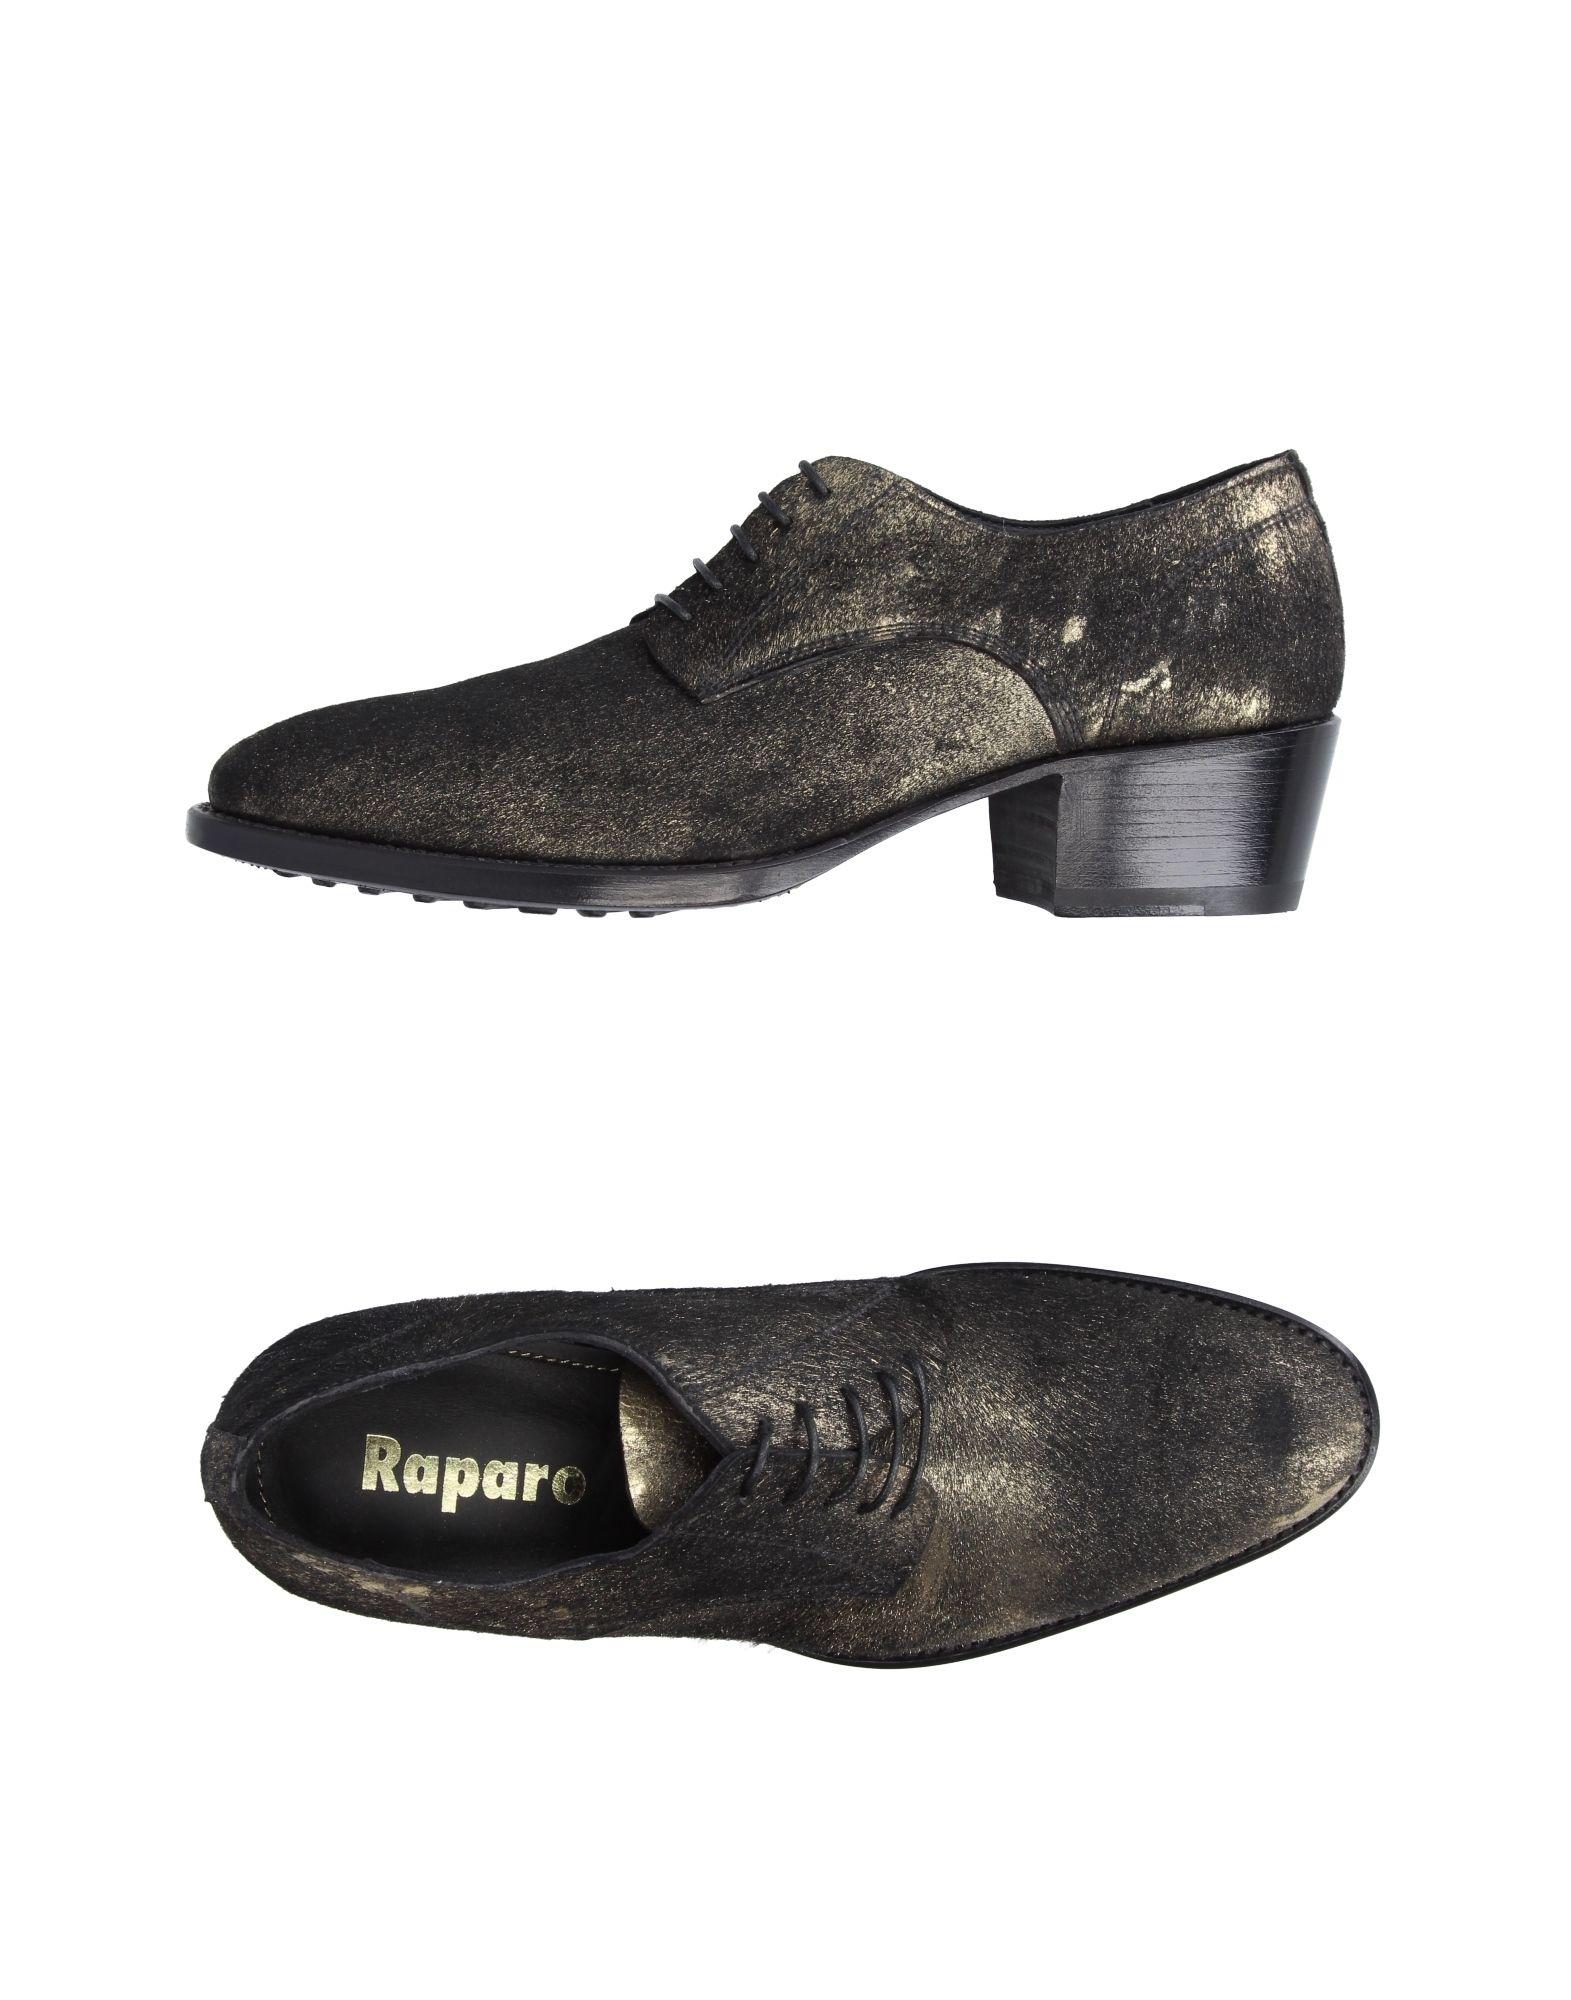 Raparo beliebte Schnürschuhe Damen  11215360GX Gute Qualität beliebte Raparo Schuhe ad46f3